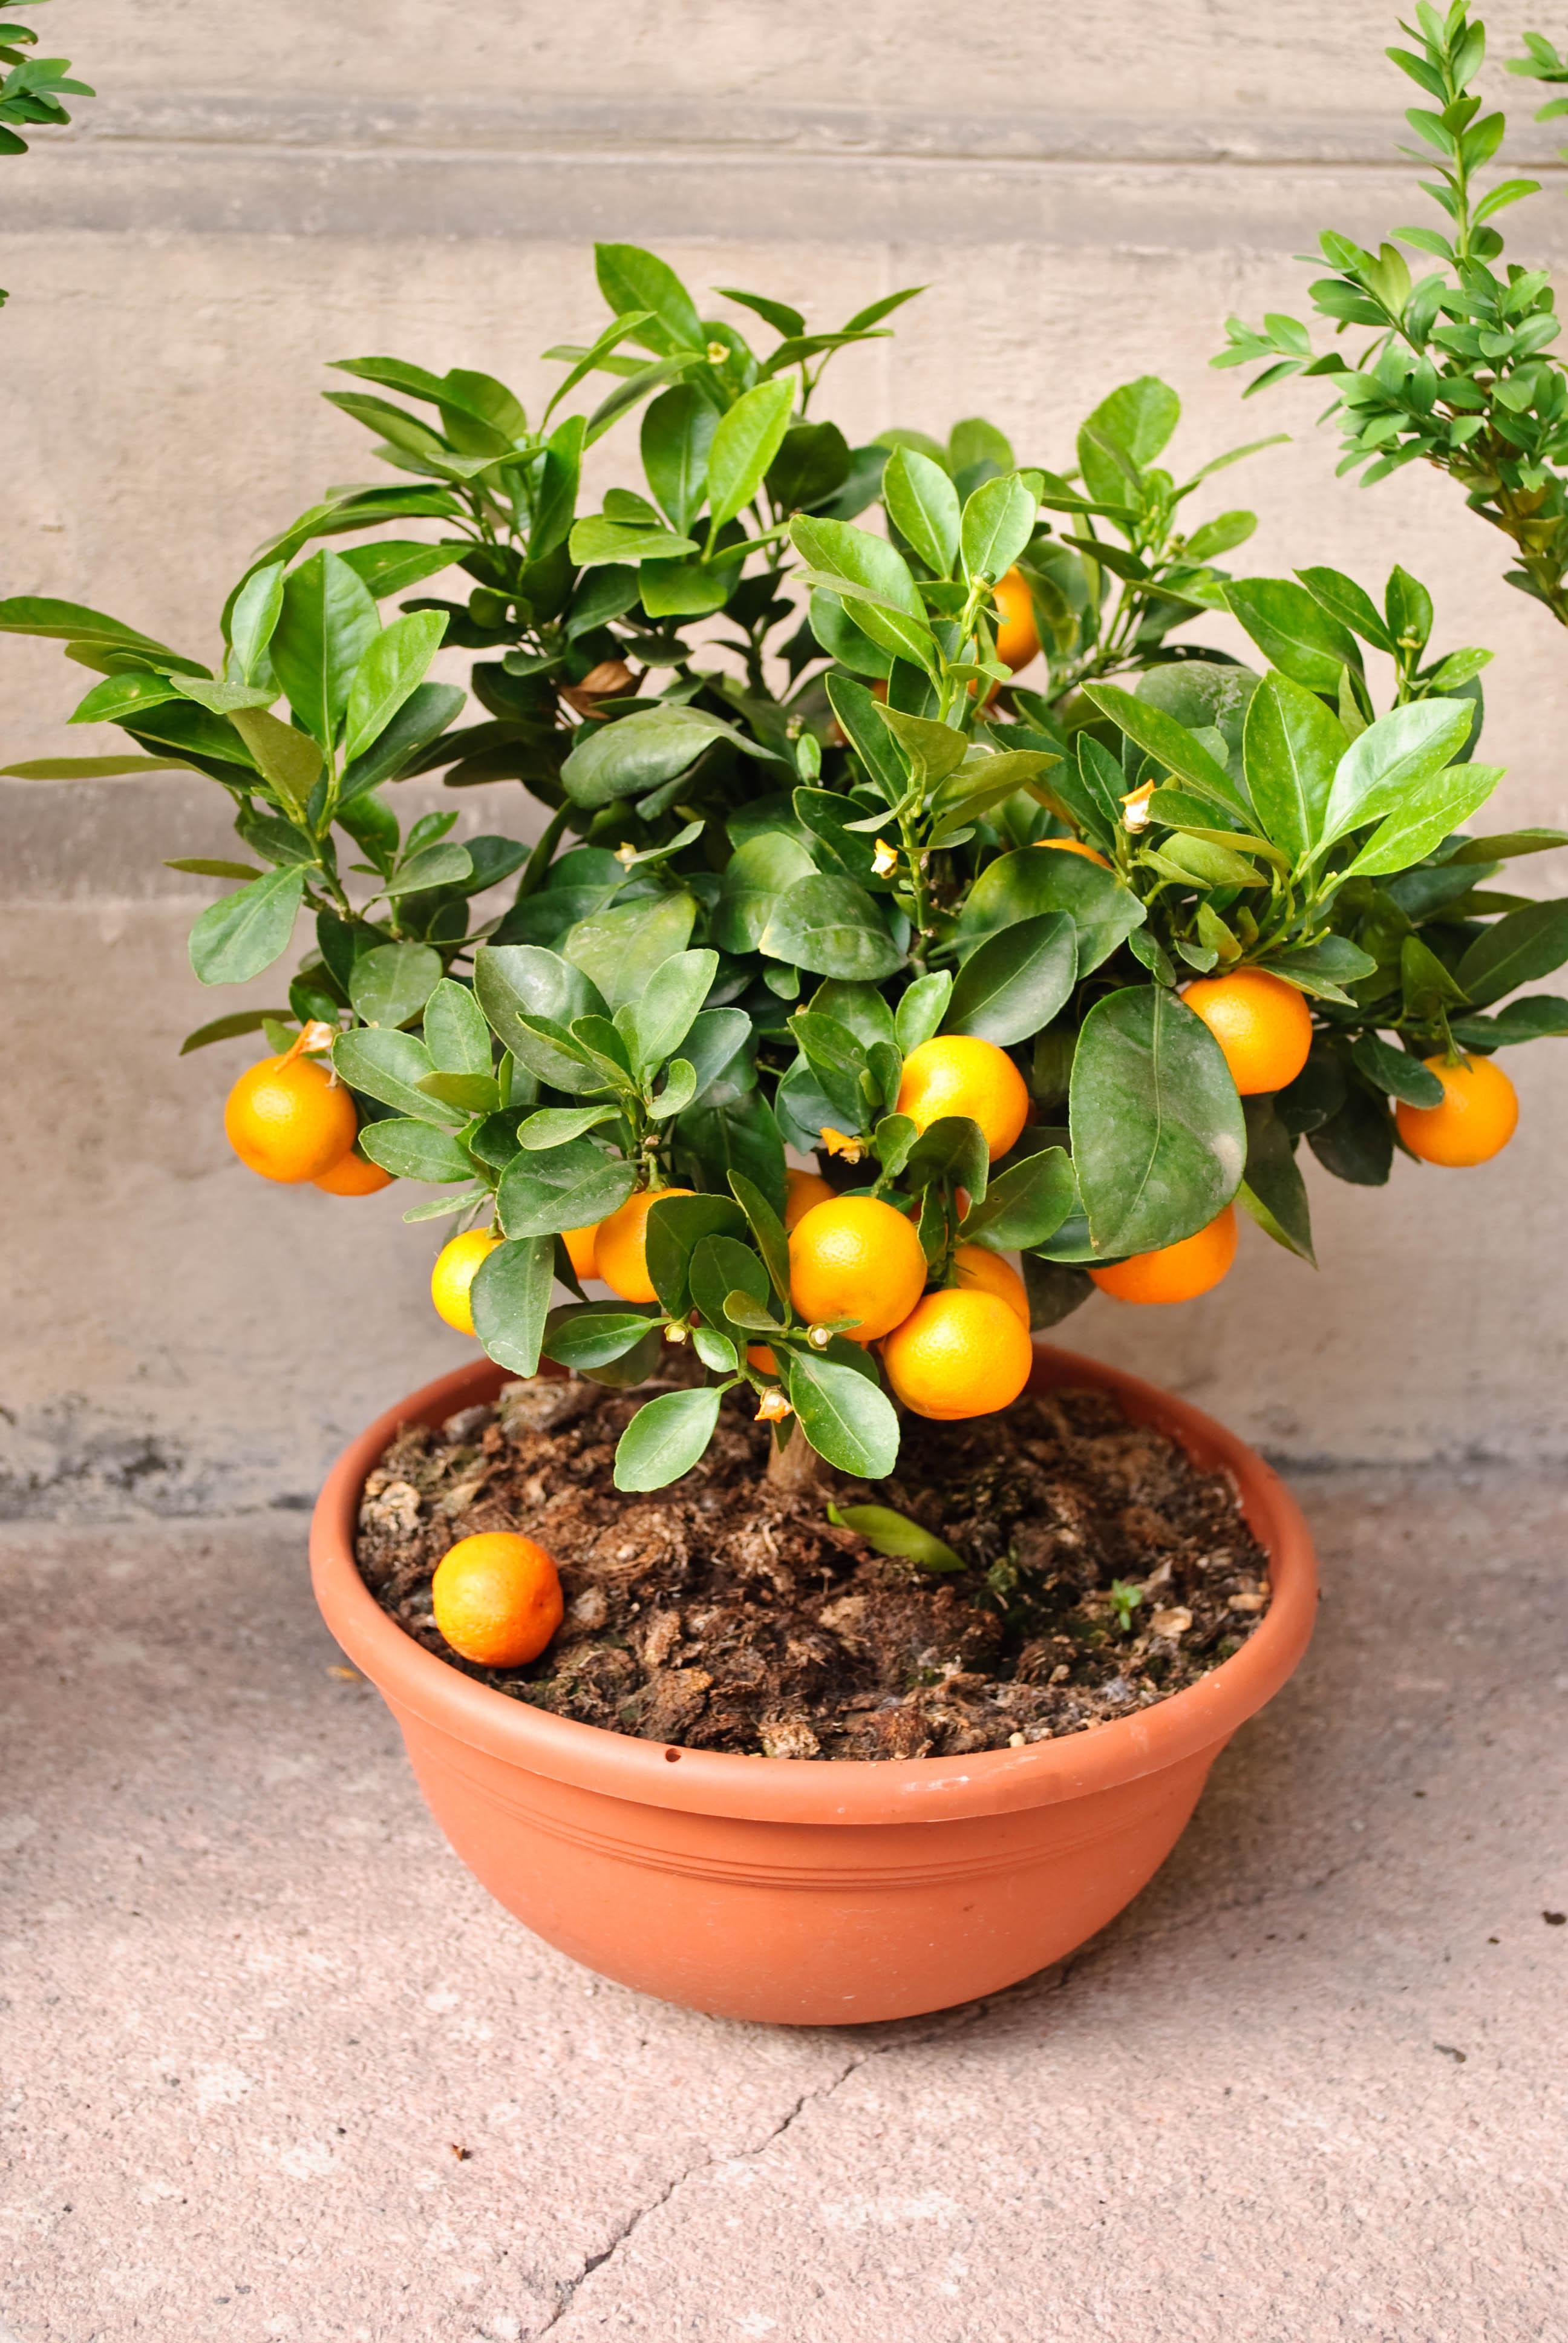 Owoce I Warzywa W Doniczkach Przyslijprzepispl